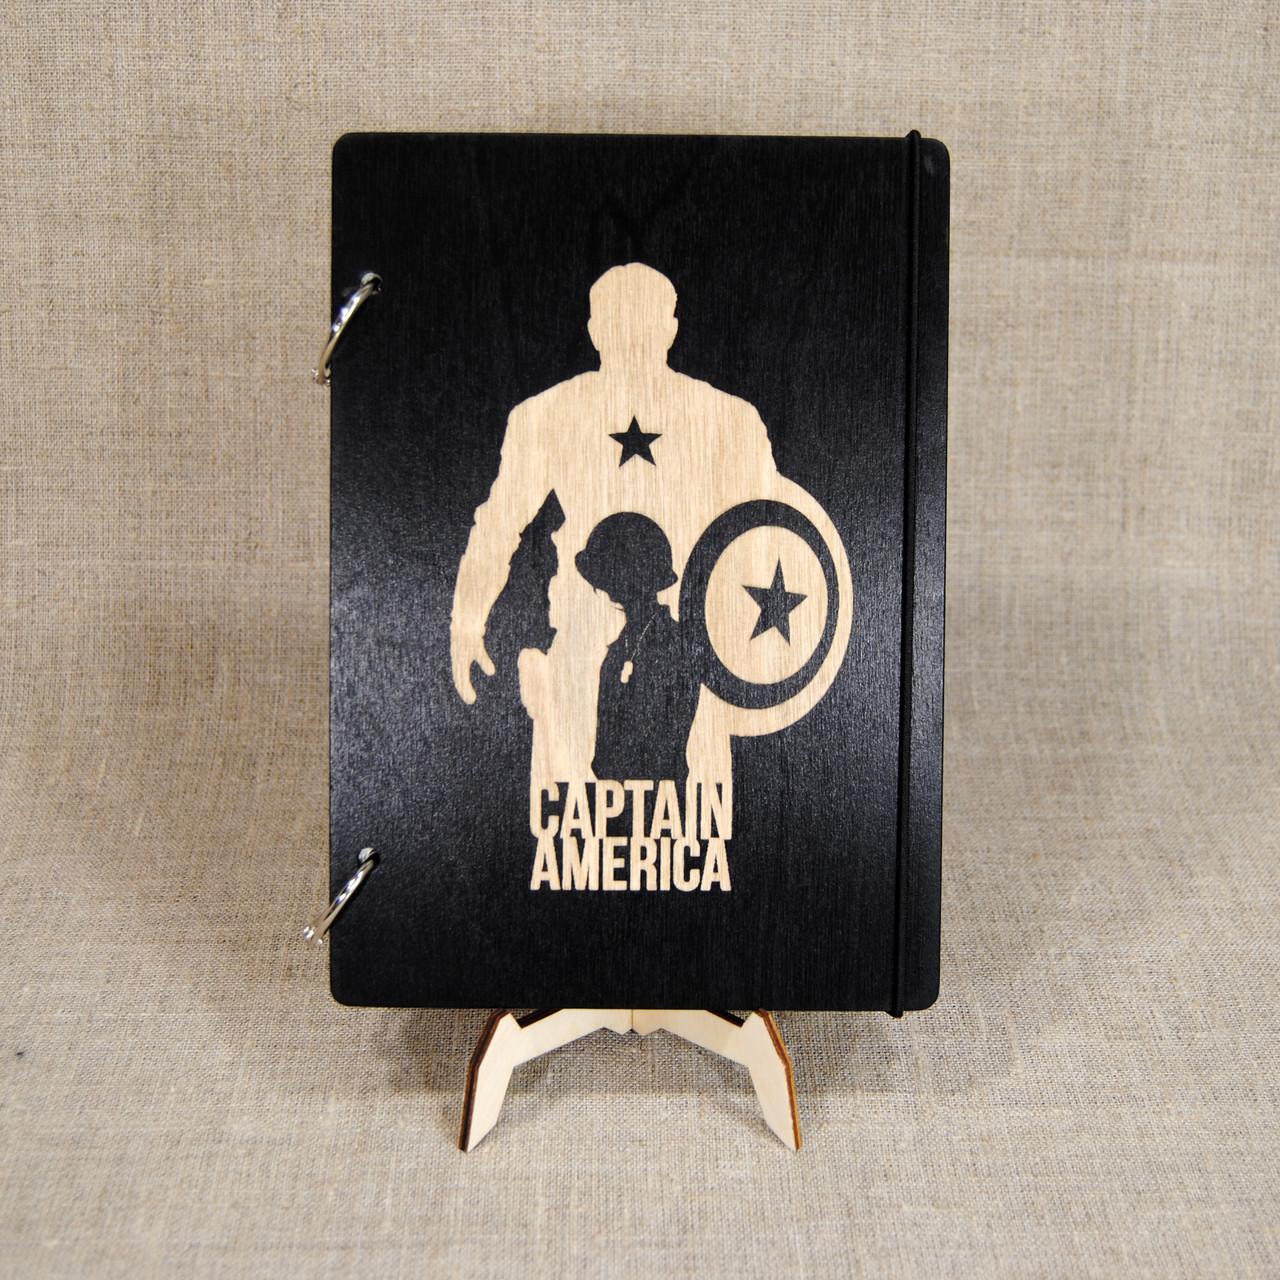 Скетчбук Captain America. Блокнот с деревянной обложкой Капитан Америка.